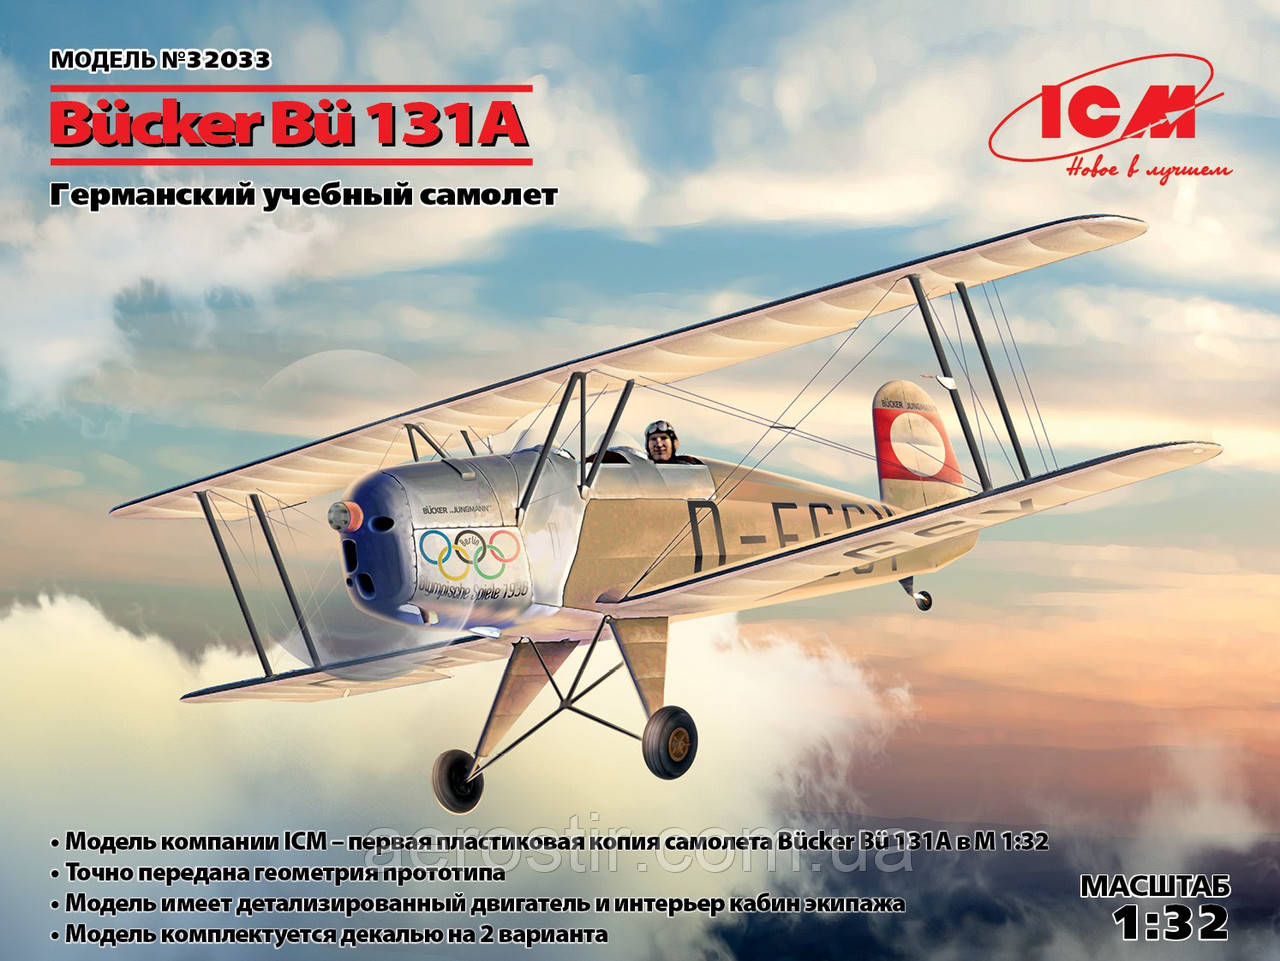 Bücker Bü 131A 1/32 ICM 32033